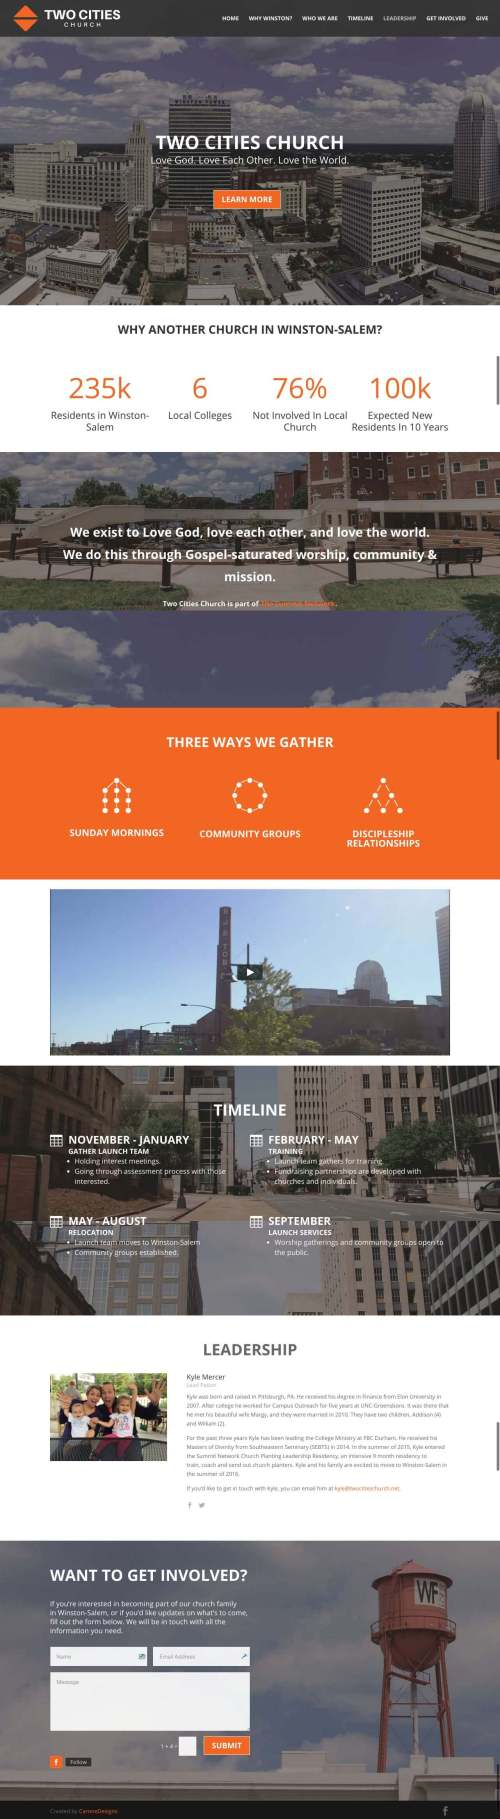 Two Cities Church - Churches Using Divi